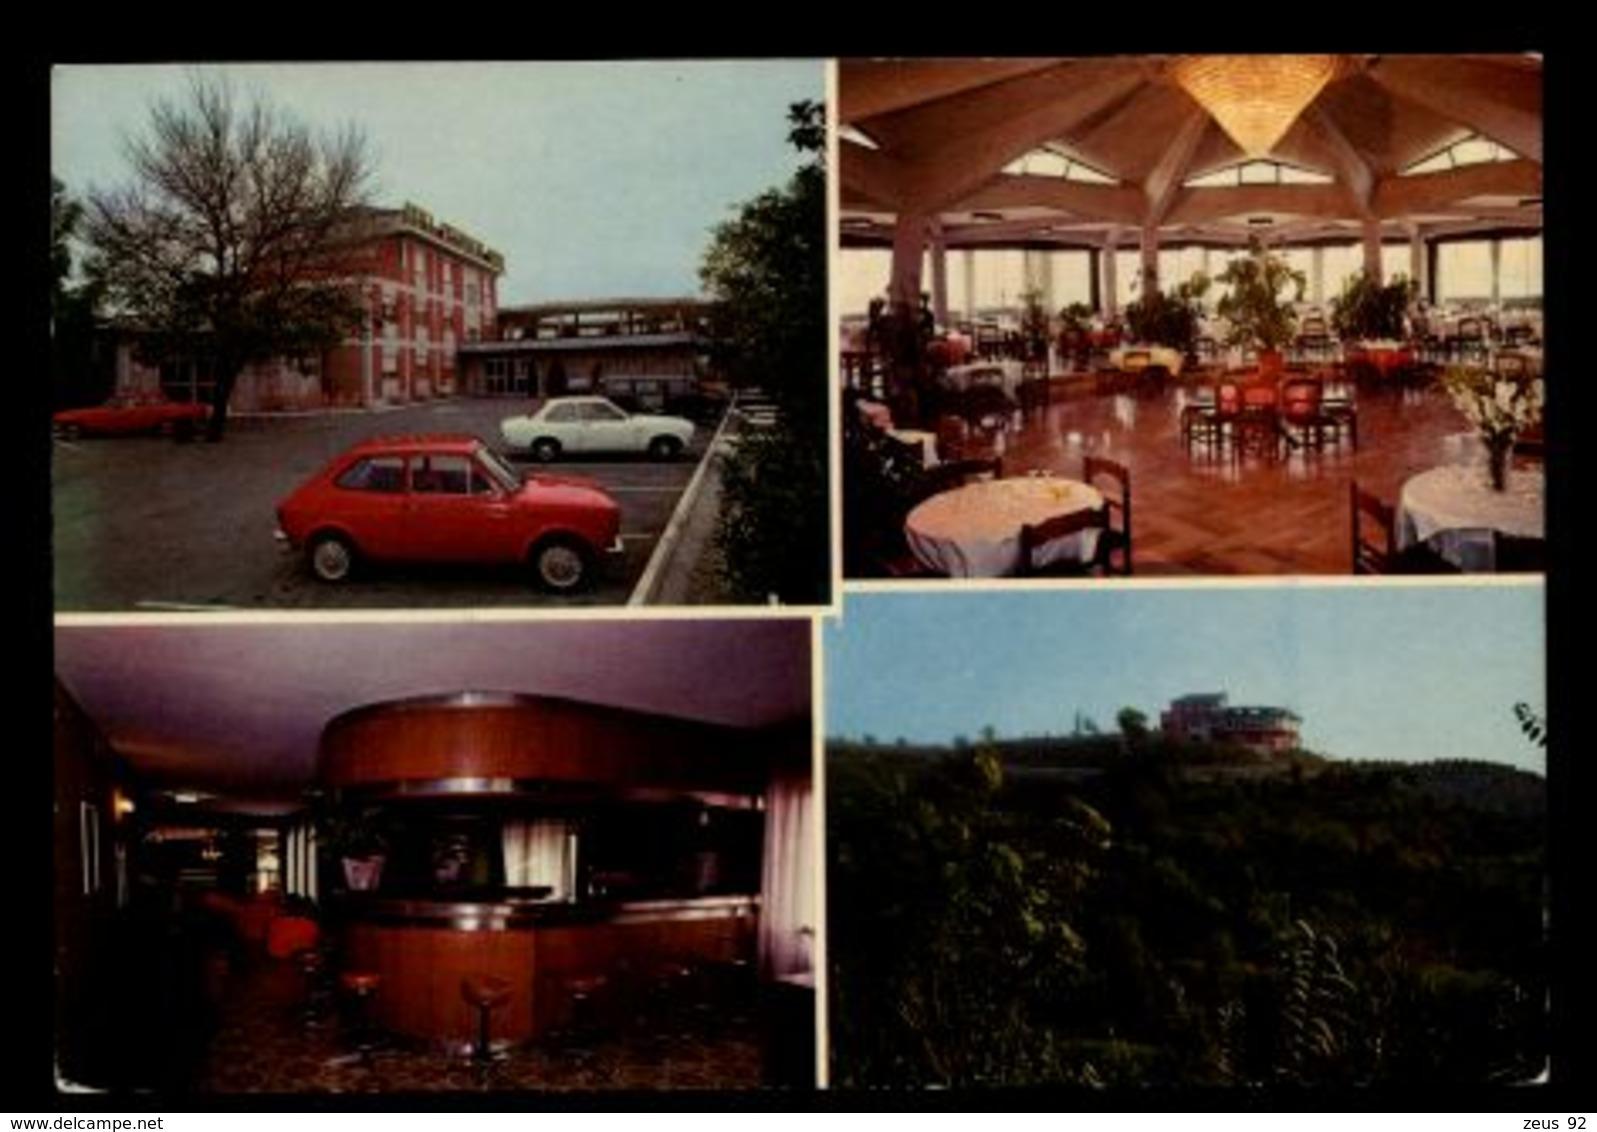 B9598 MENTANA (ROMA) - HOTEL RISTORANTE BARBA CON AUTO - Altre Città